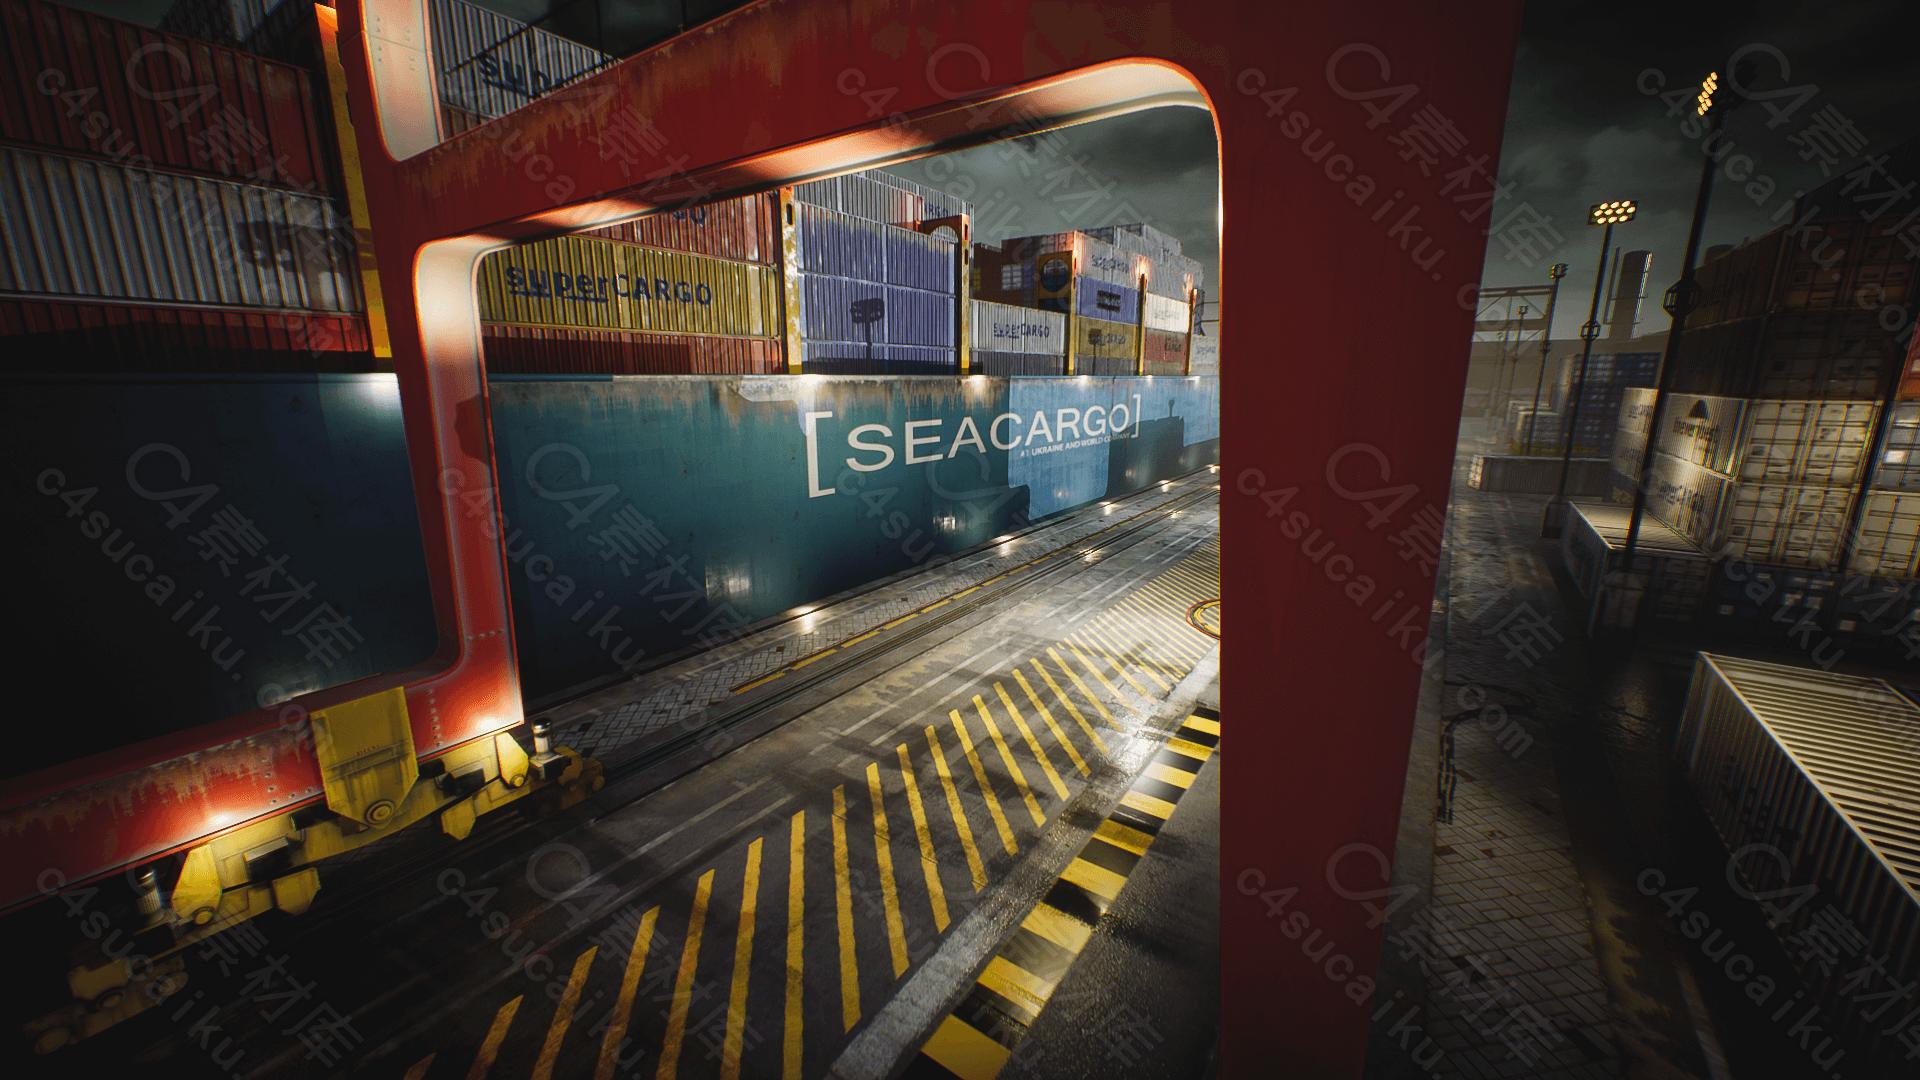 C4素材网-UE4资产-游轮港湾集装箱资产包